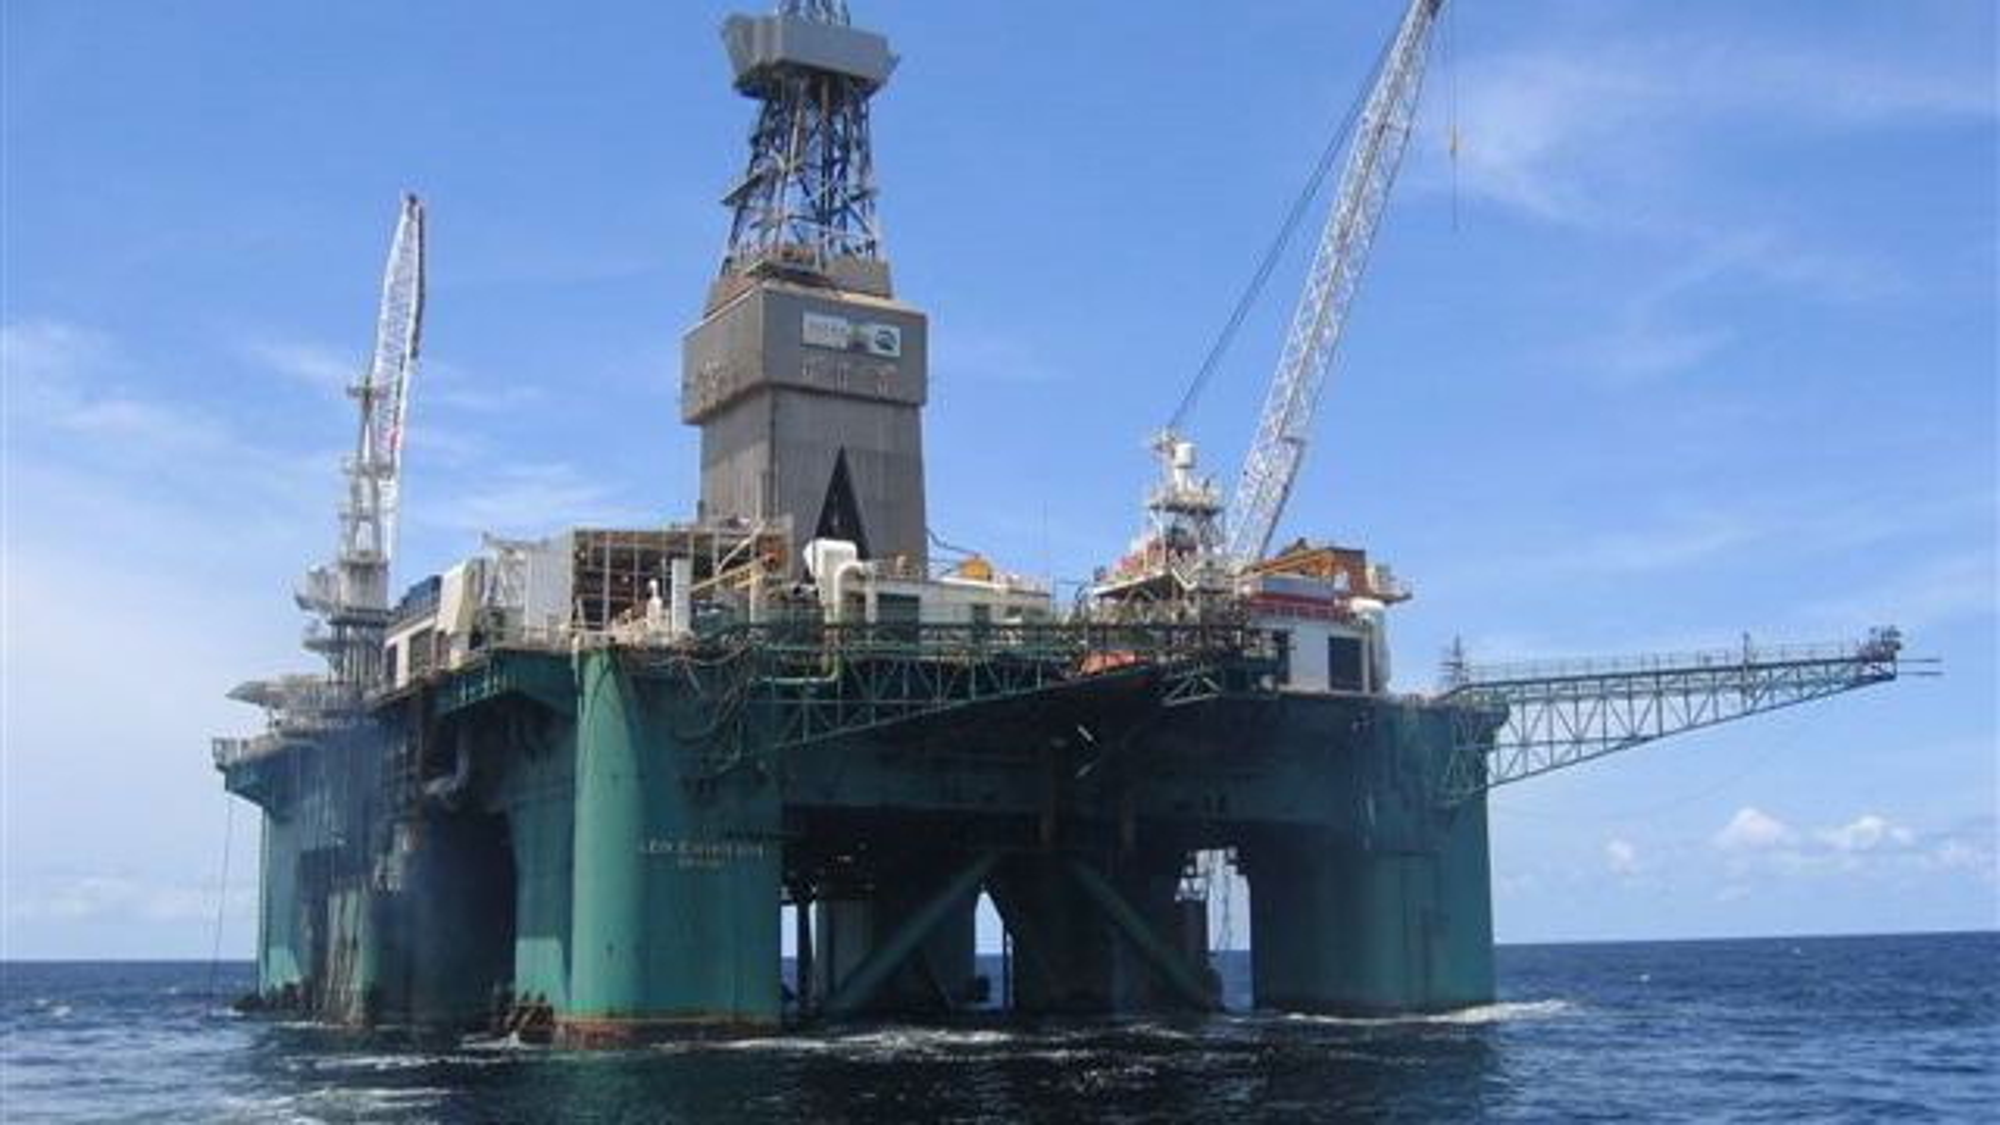 Det var boreriggen Leiv Eriksson som boret funnbrønnen til ConocoPhillips i Norskehavet. Funnet inneholder opp mot 200 millioner fat olje.